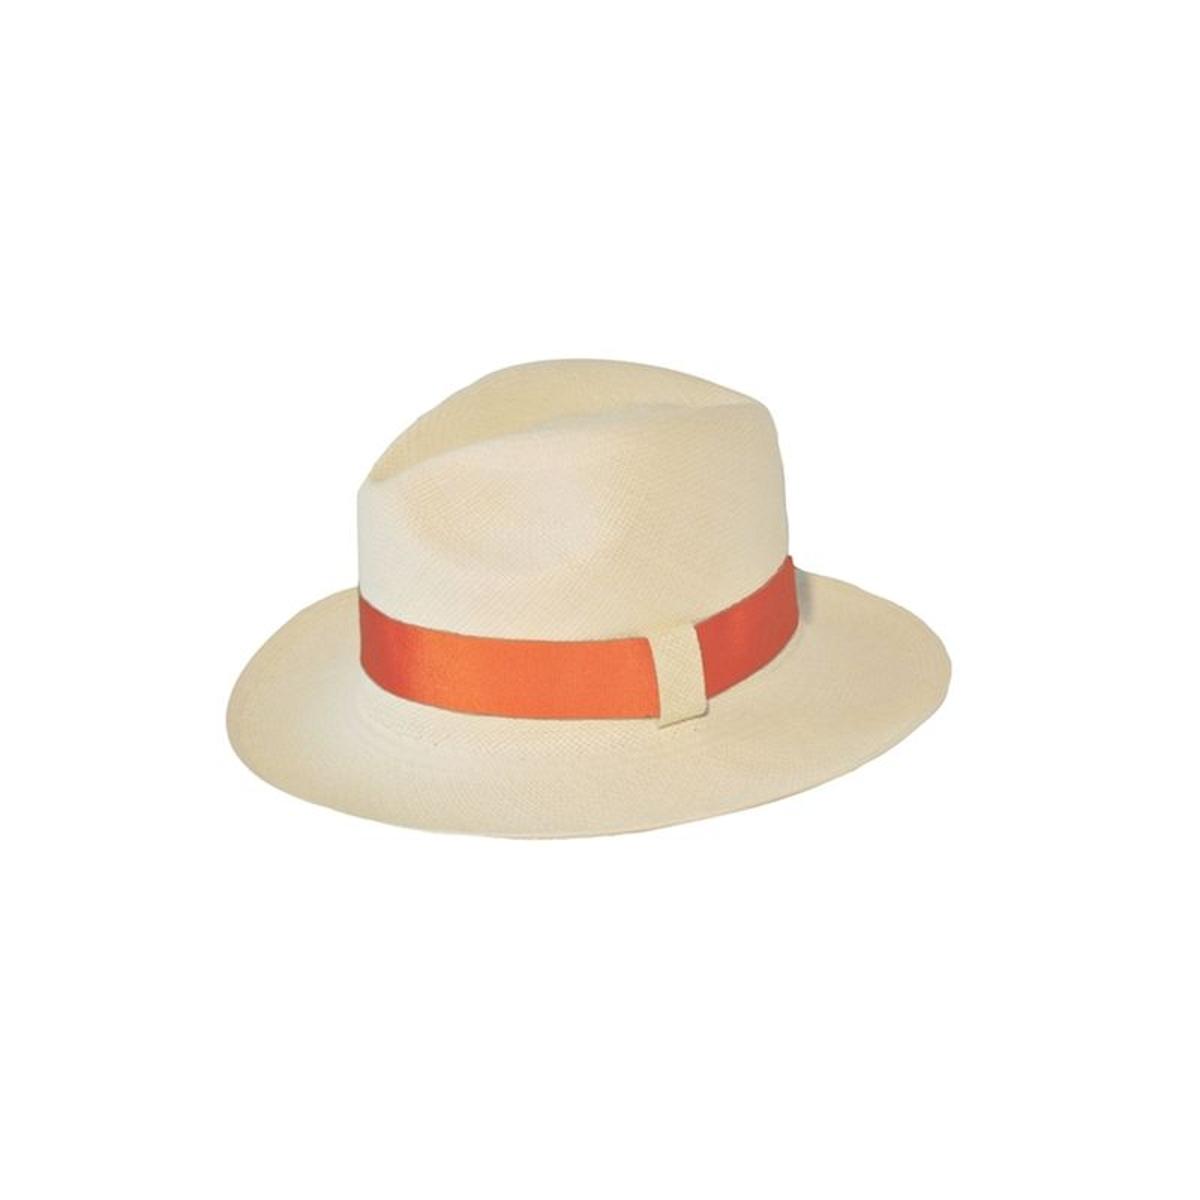 7080373e5f11 PANAMES AND CO Chapeau Panama en paille écrue ruban interchangeable  citrouille